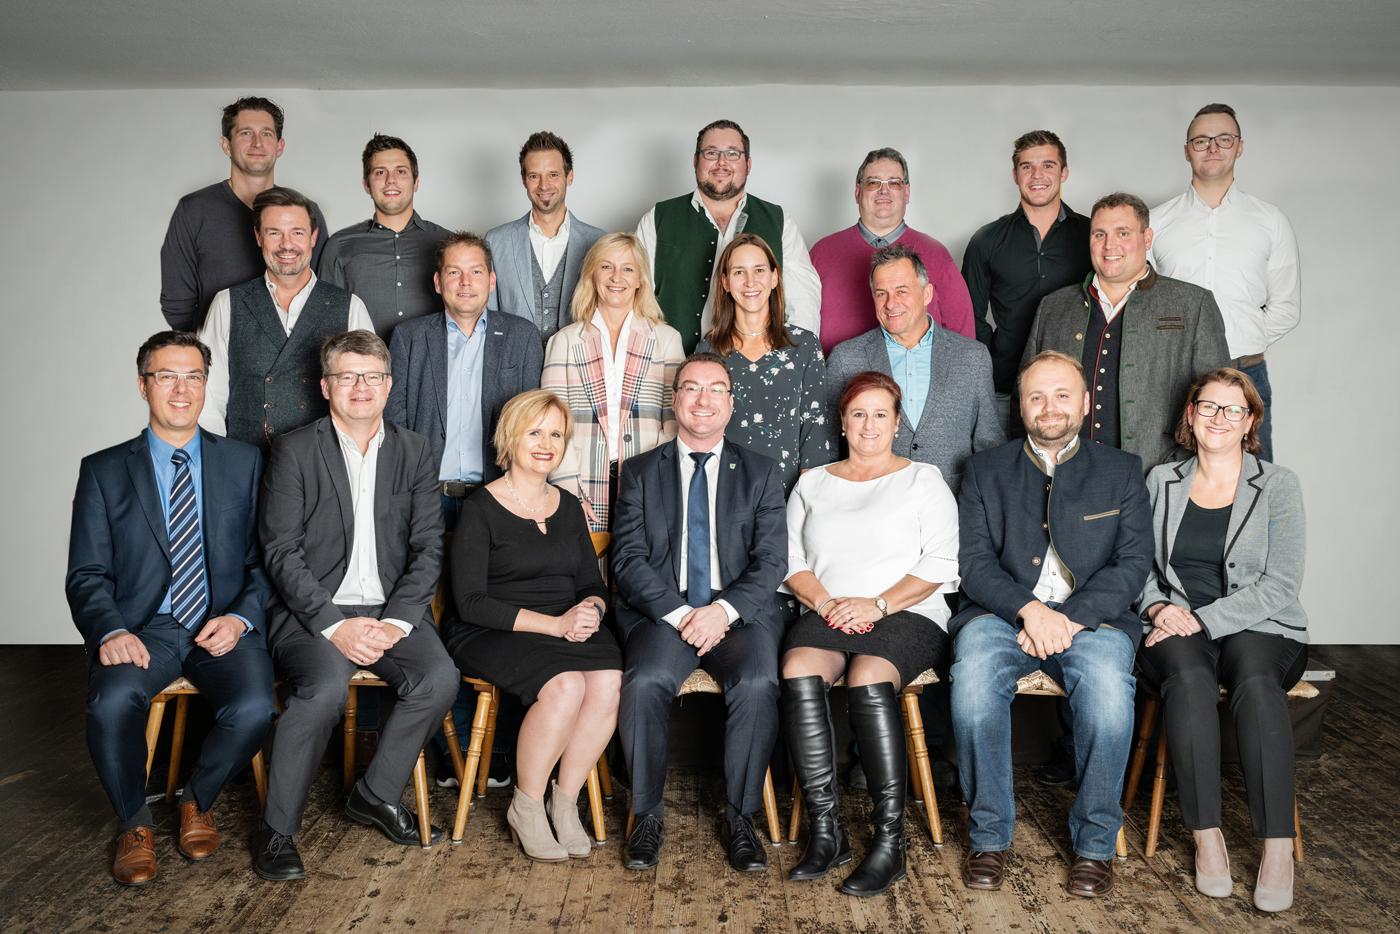 CSU-Ortsverband-Hallbergmoos-Kandidaten-Gemeinderat